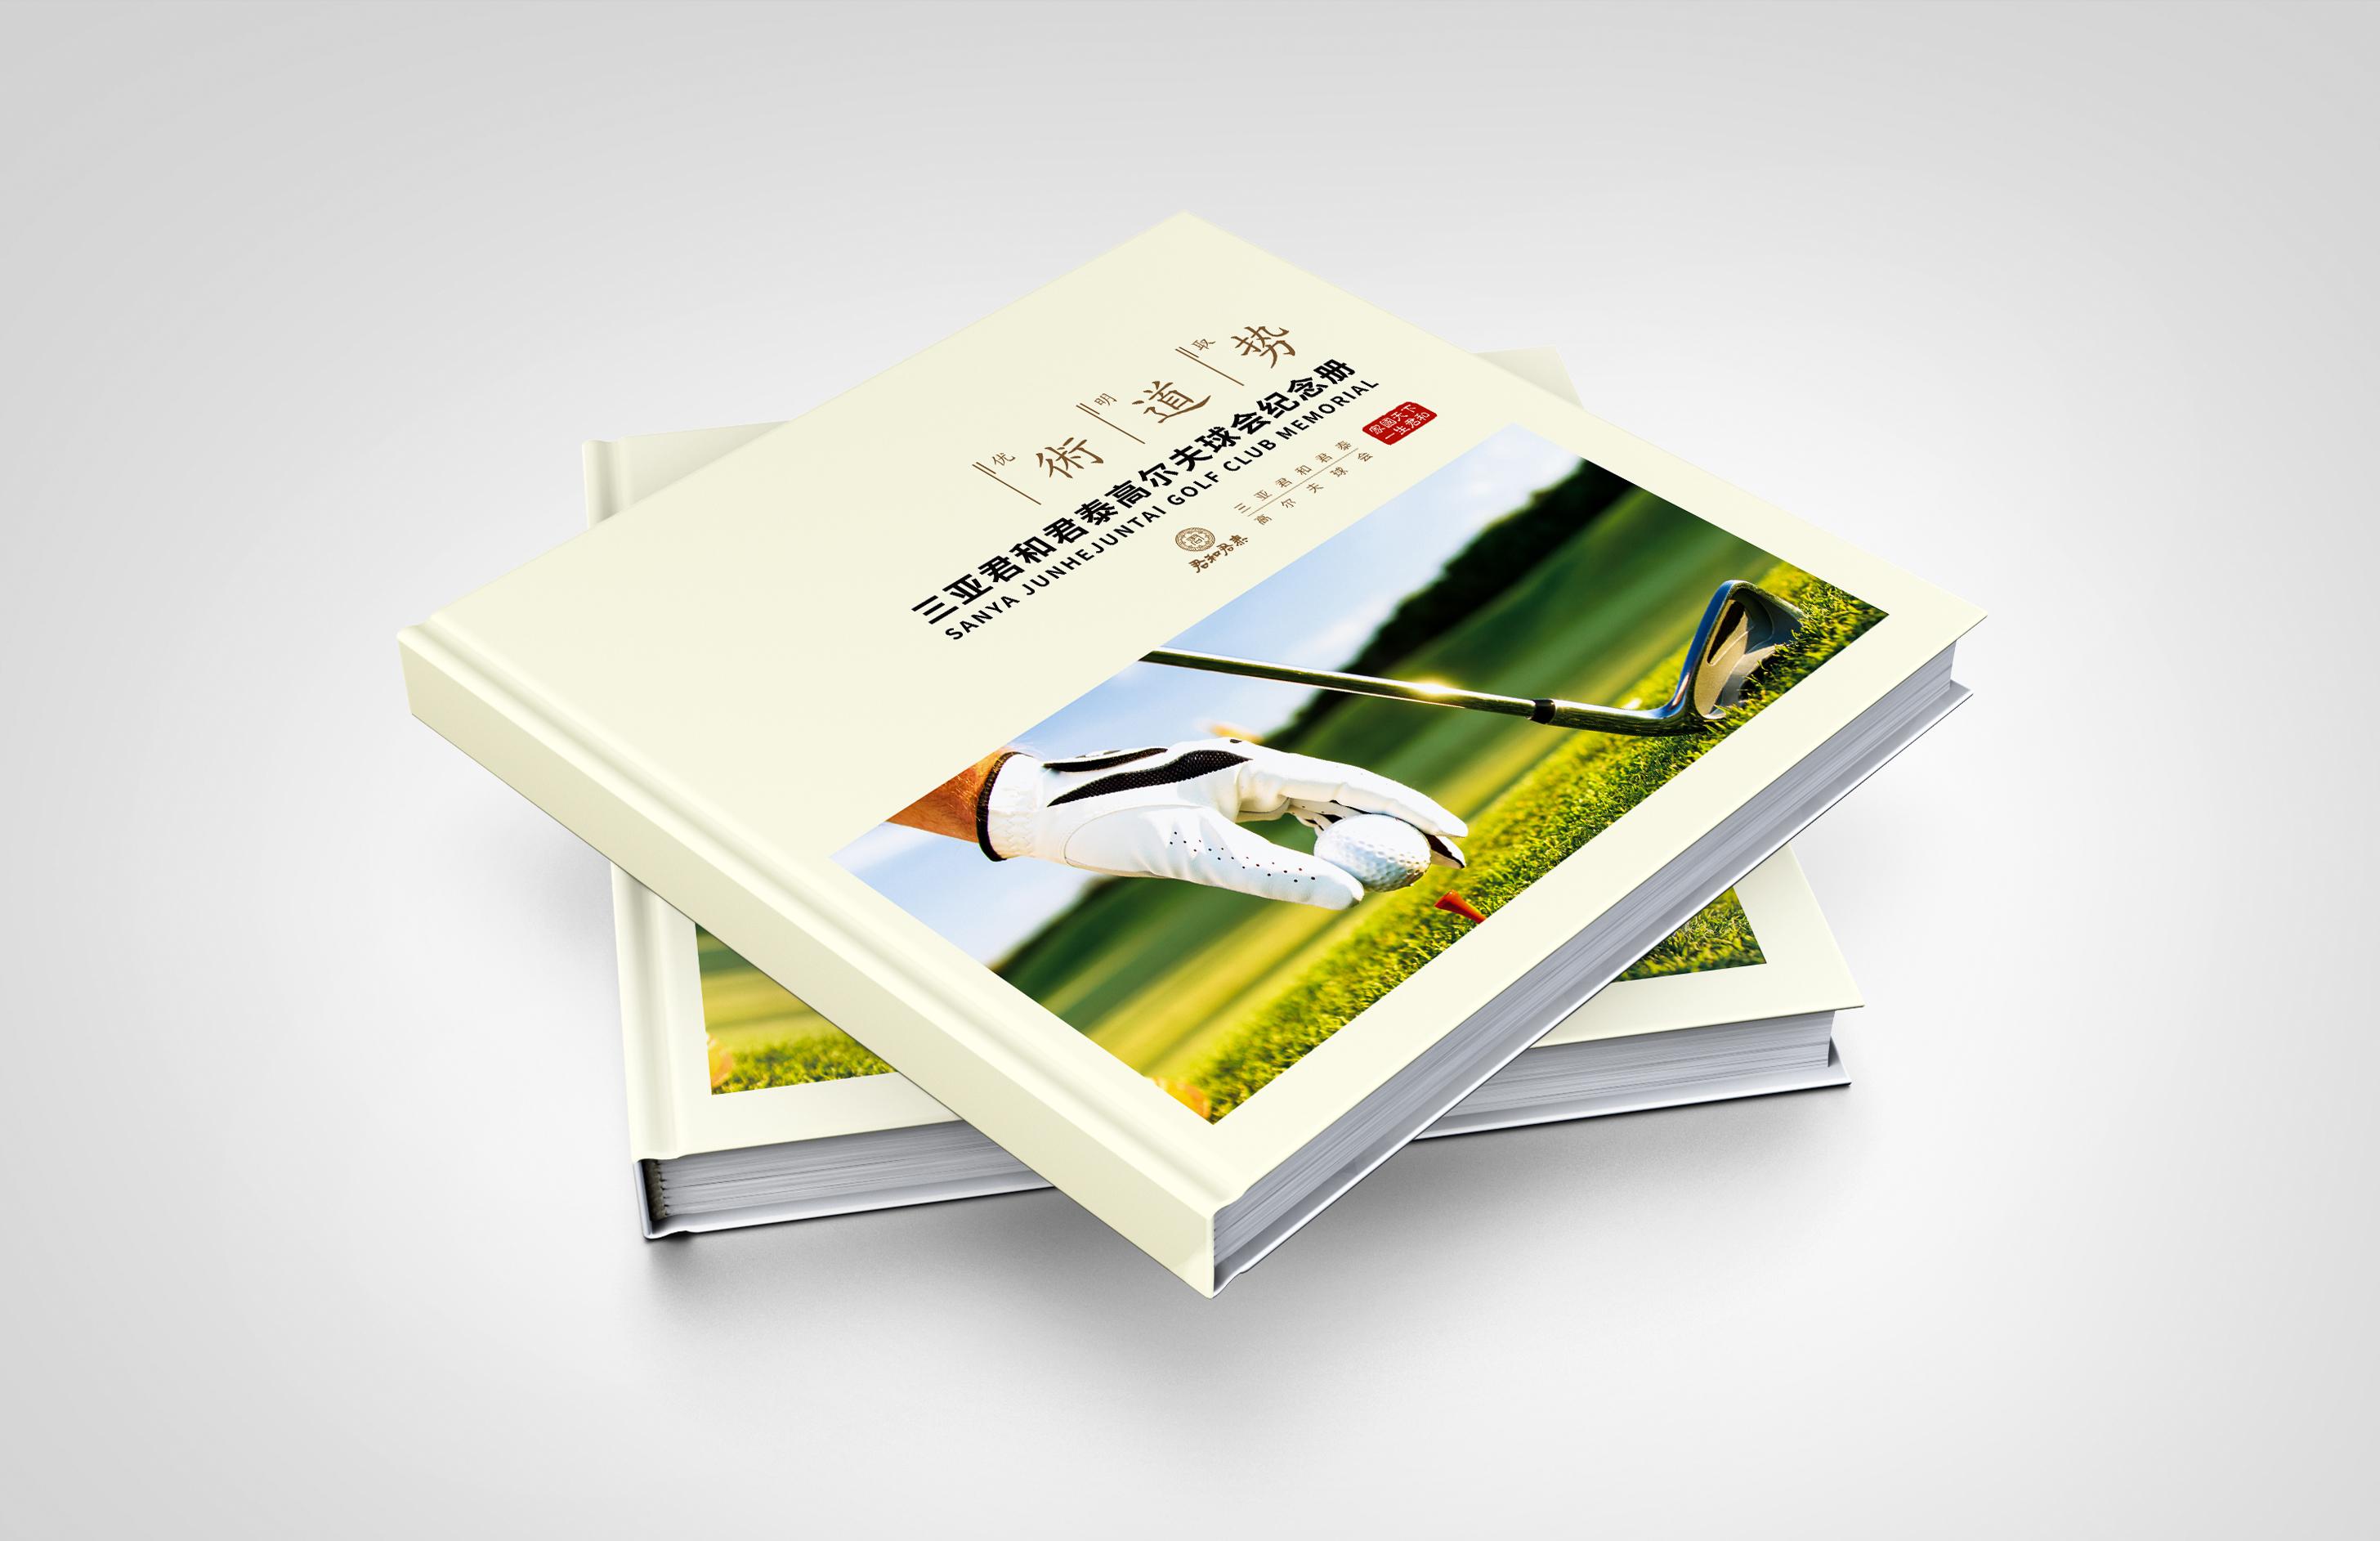 君和君泰-书籍设计